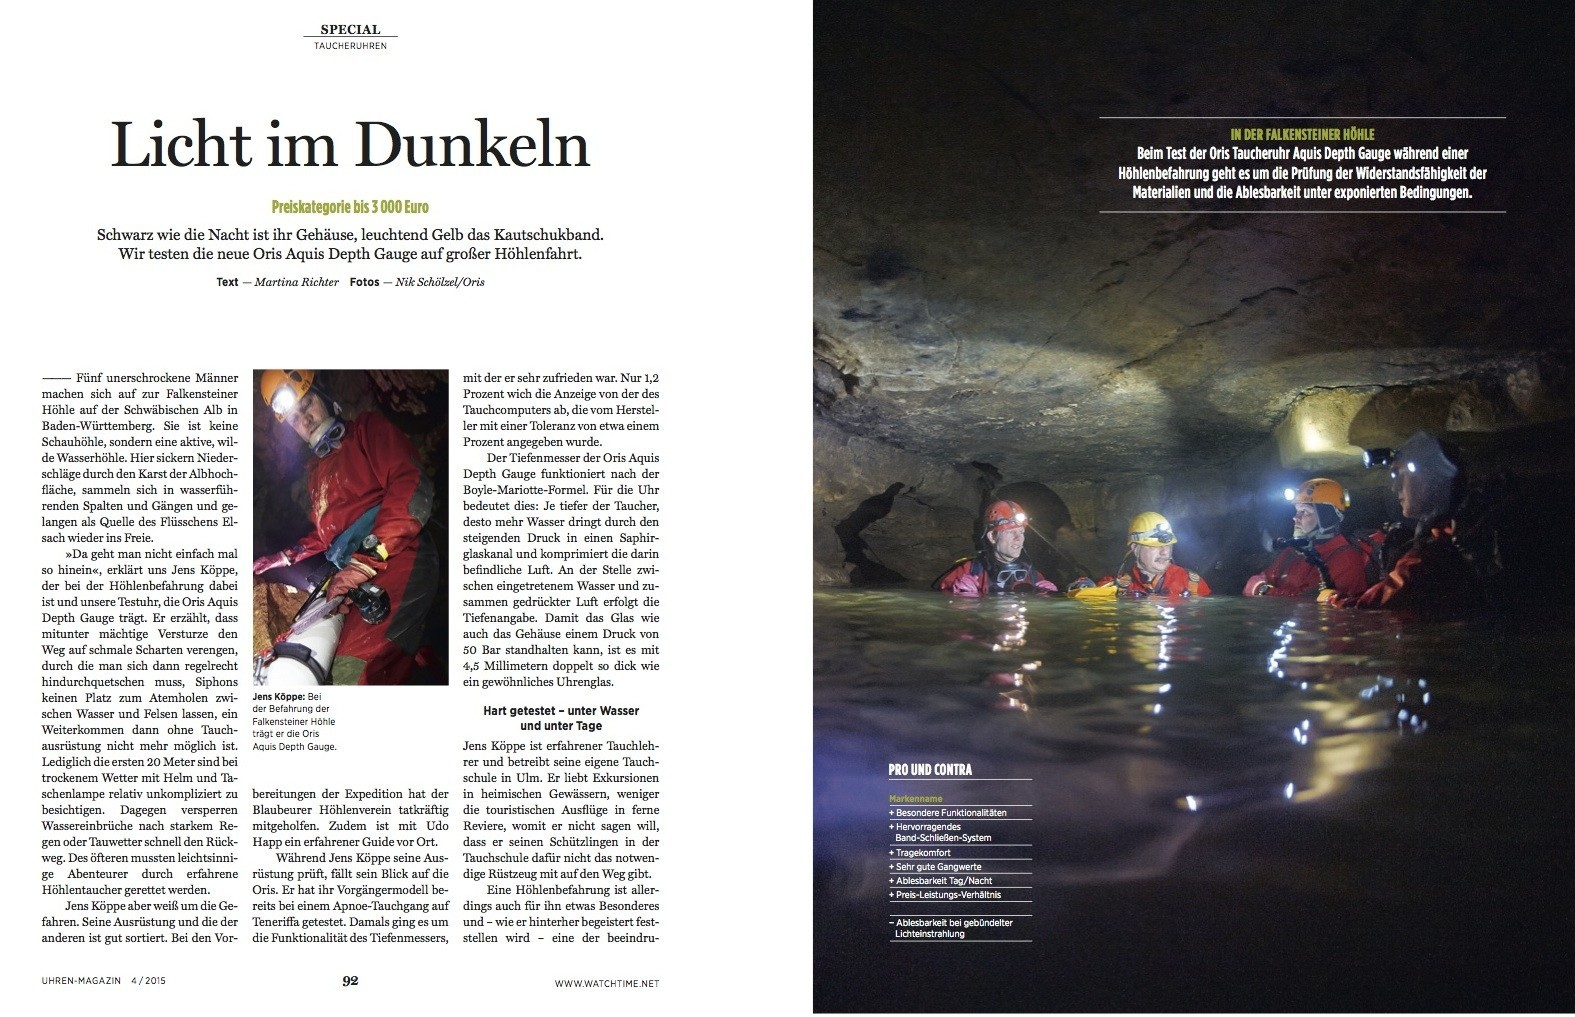 Die Taucheruhr mit Tiefenmesser von Oris besteht den Extremtest bei unserer Expedition in eine Felsenhöhle.